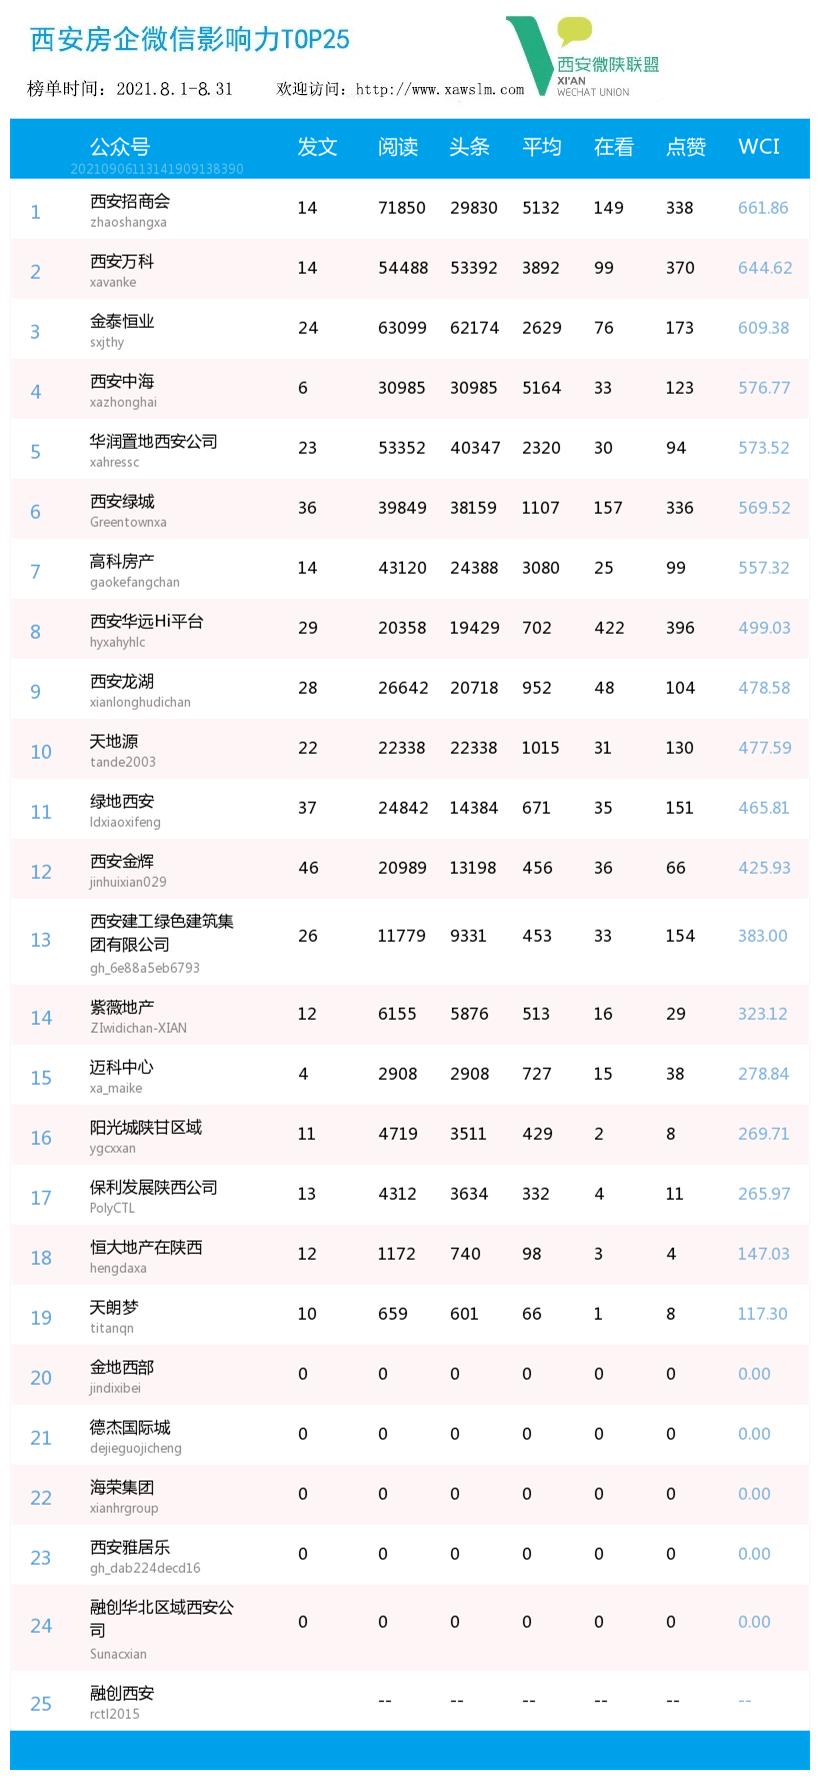 西安排行榜_苏州成都西安东莞……15个新一线城市纯电车型上险量TOP20排行榜